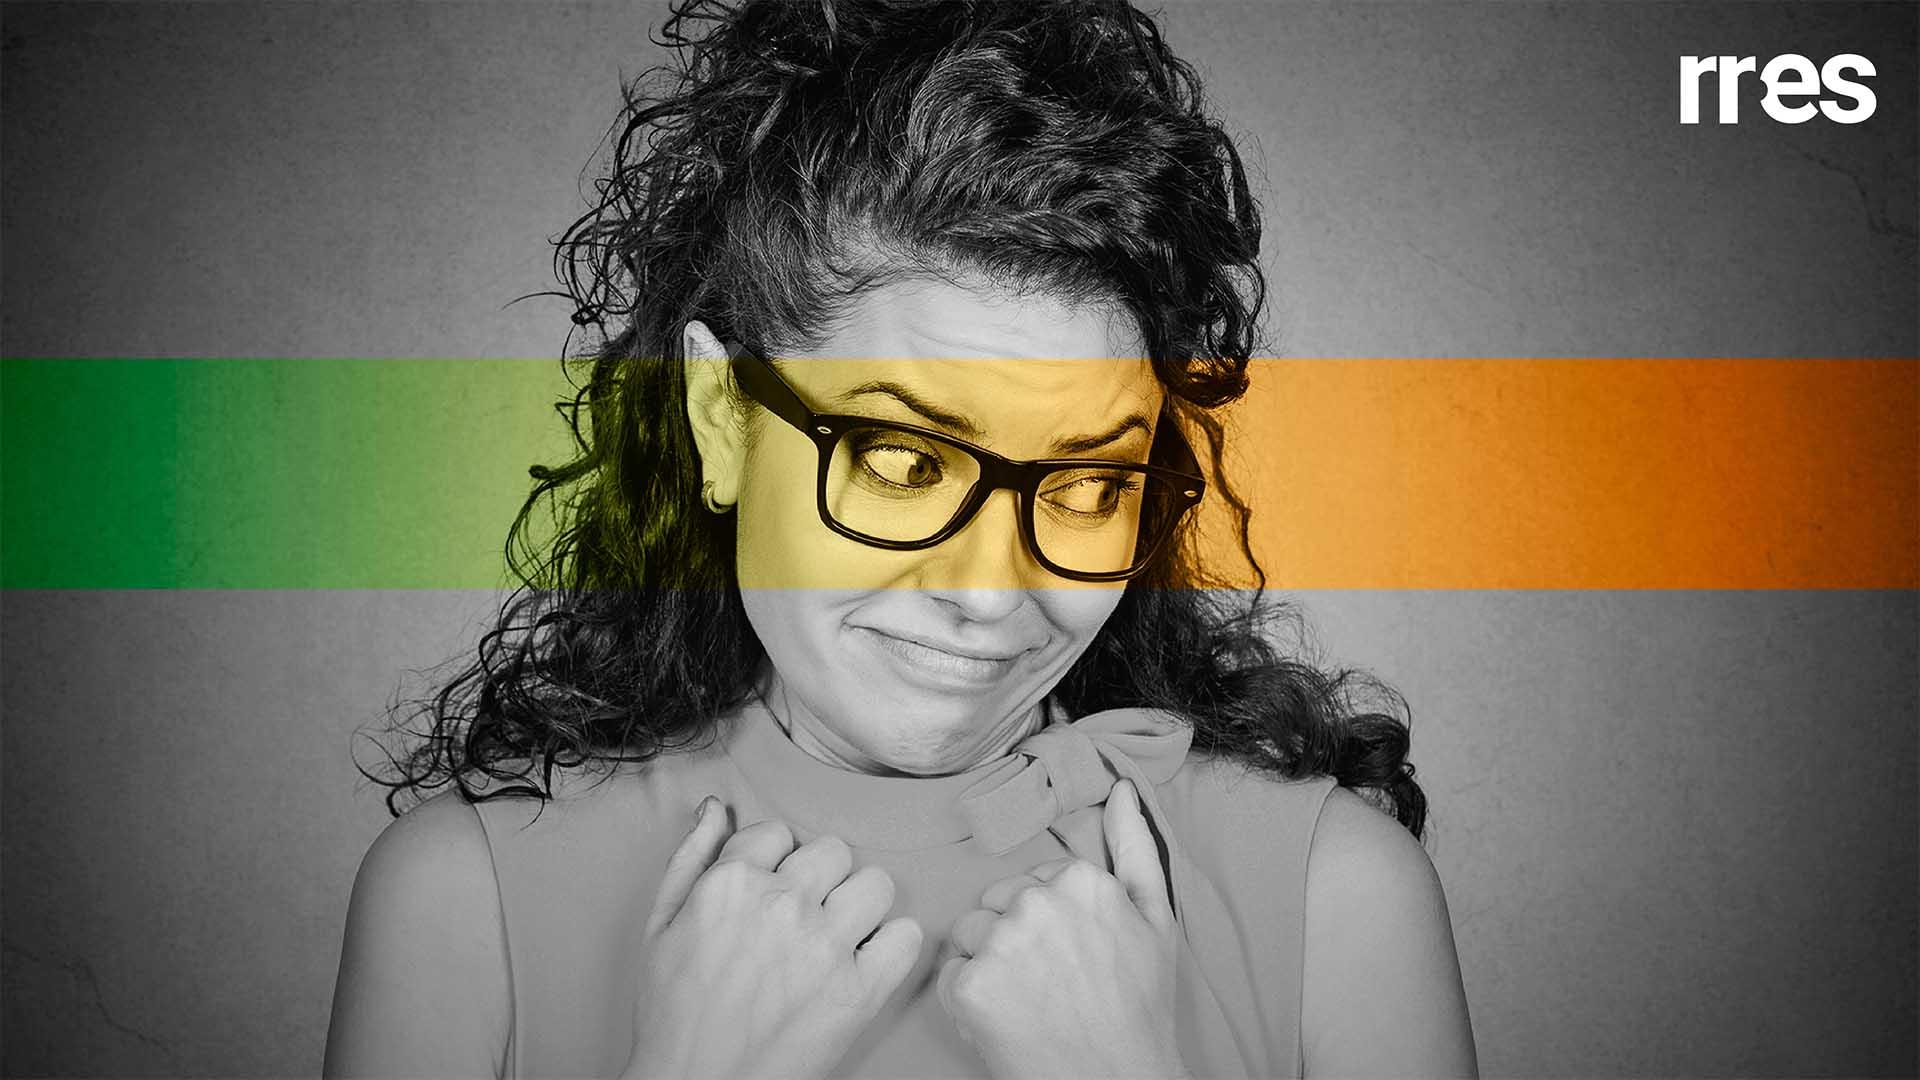 Fobias que no te dice el psicólogo, por Reuben Morales